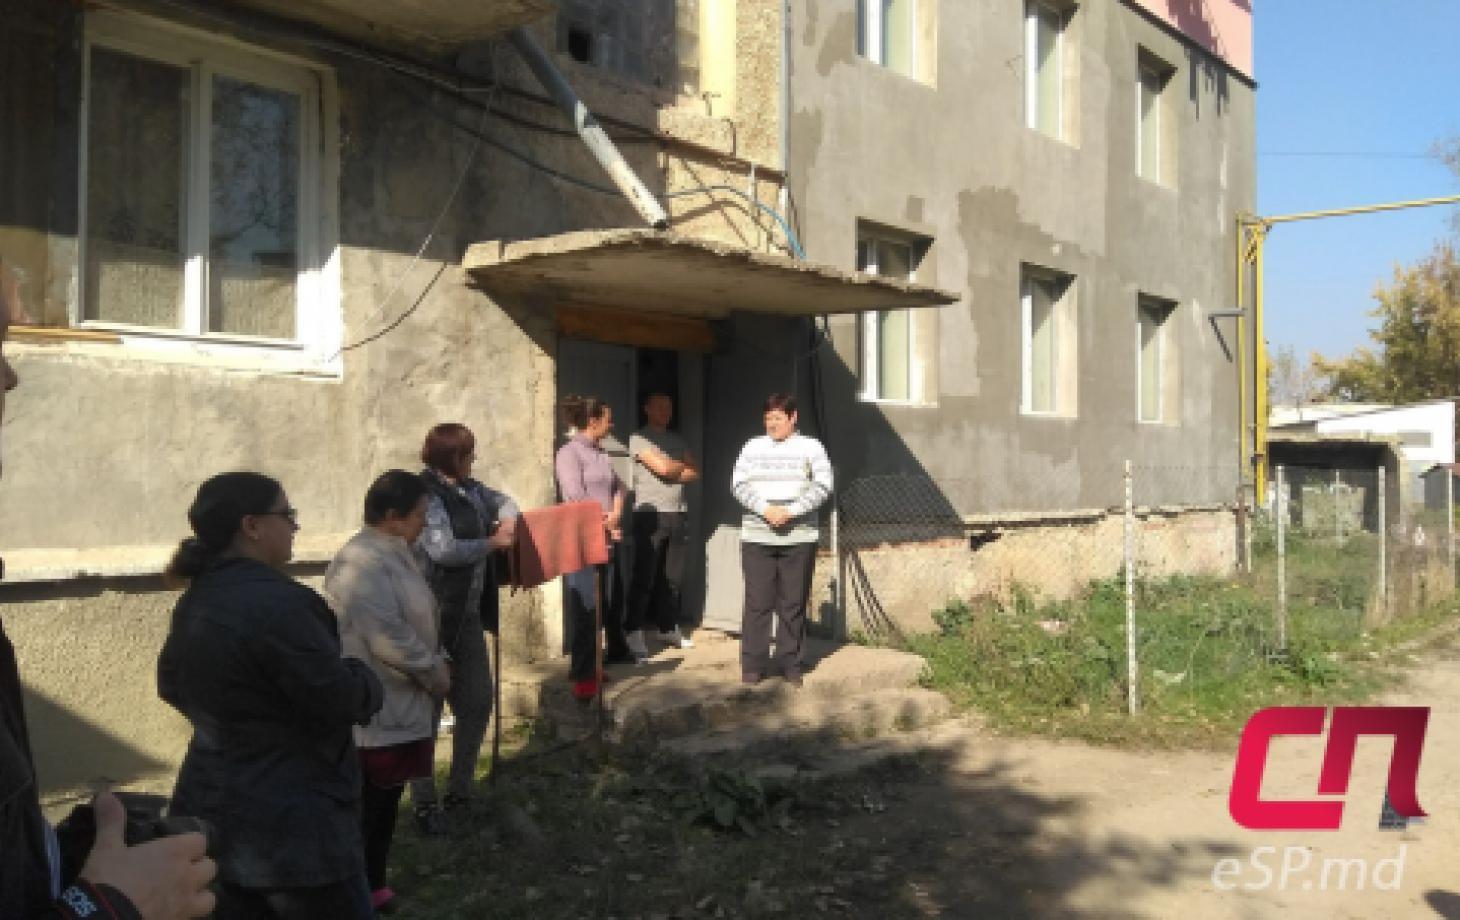 Бельцы, ул. Николае Йорги, № 30а